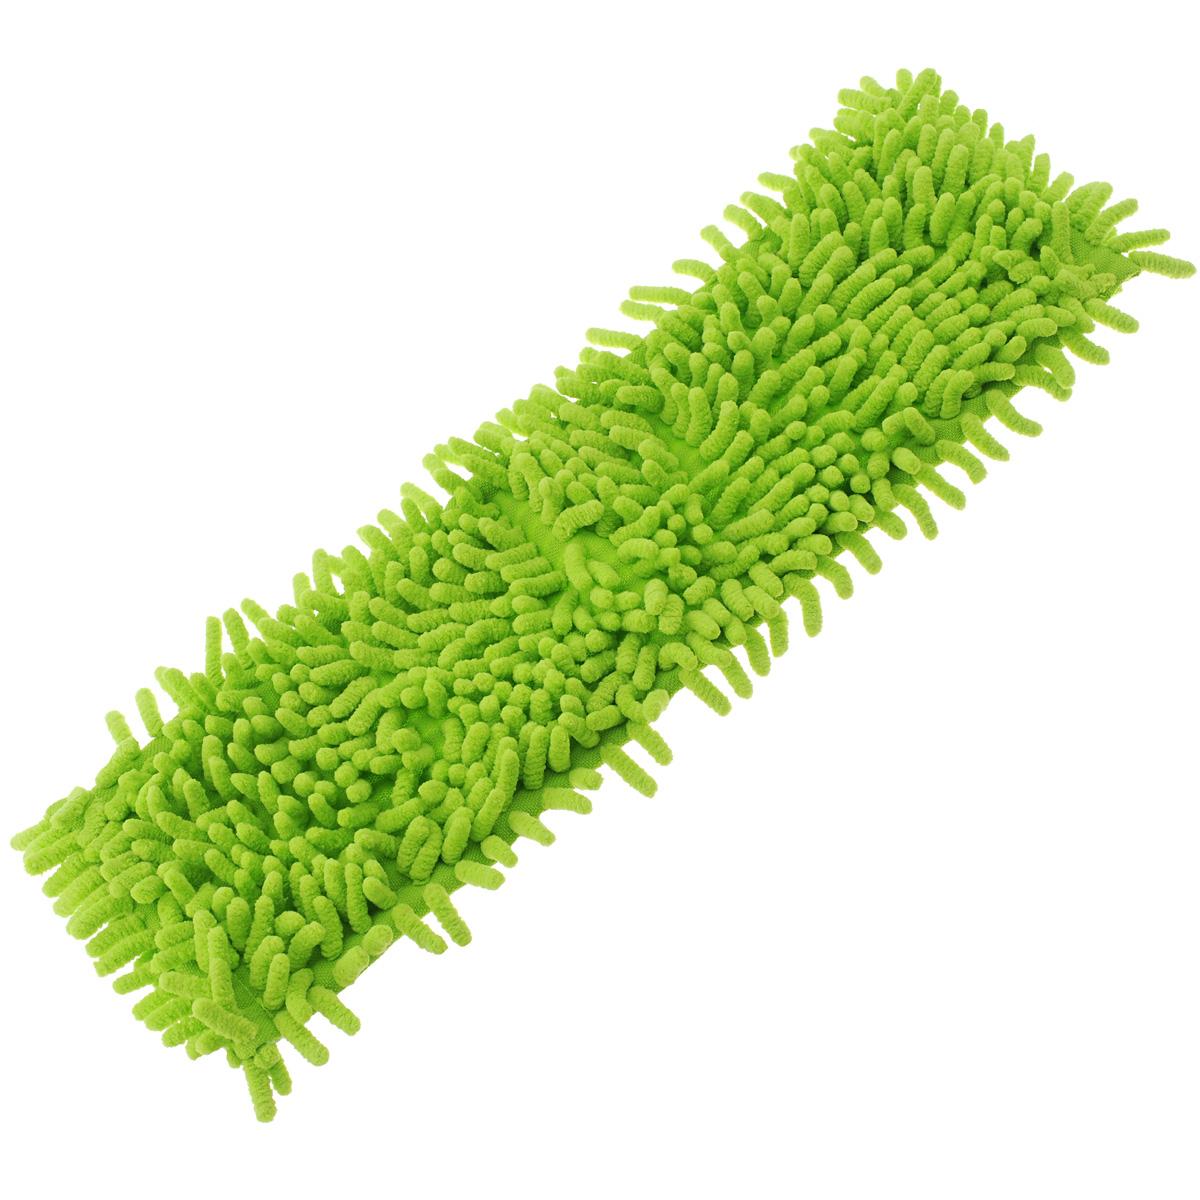 Насадка для швабры Home Queen Еврокласс, цвет: салатовый, длина 40 см,04024-150Сменная насадка для швабры Home Queen Еврокласс изготовлена из шенилла, разновидности микрофибры. Материал обладает высокой износостойкостью, не царапает поверхности и отлично впитывает влагу. Насадка отлично удаляет большинство жирных и маслянистых загрязнений без использования химических веществ. Насадка идеально подходит для мытья всех типов напольных покрытий. Она не оставляет разводов и ворсинок. Сменная насадка для швабры Home Queen Еврокласс станет незаменимой в хозяйстве. Размер насадки: 40 х 12 см.